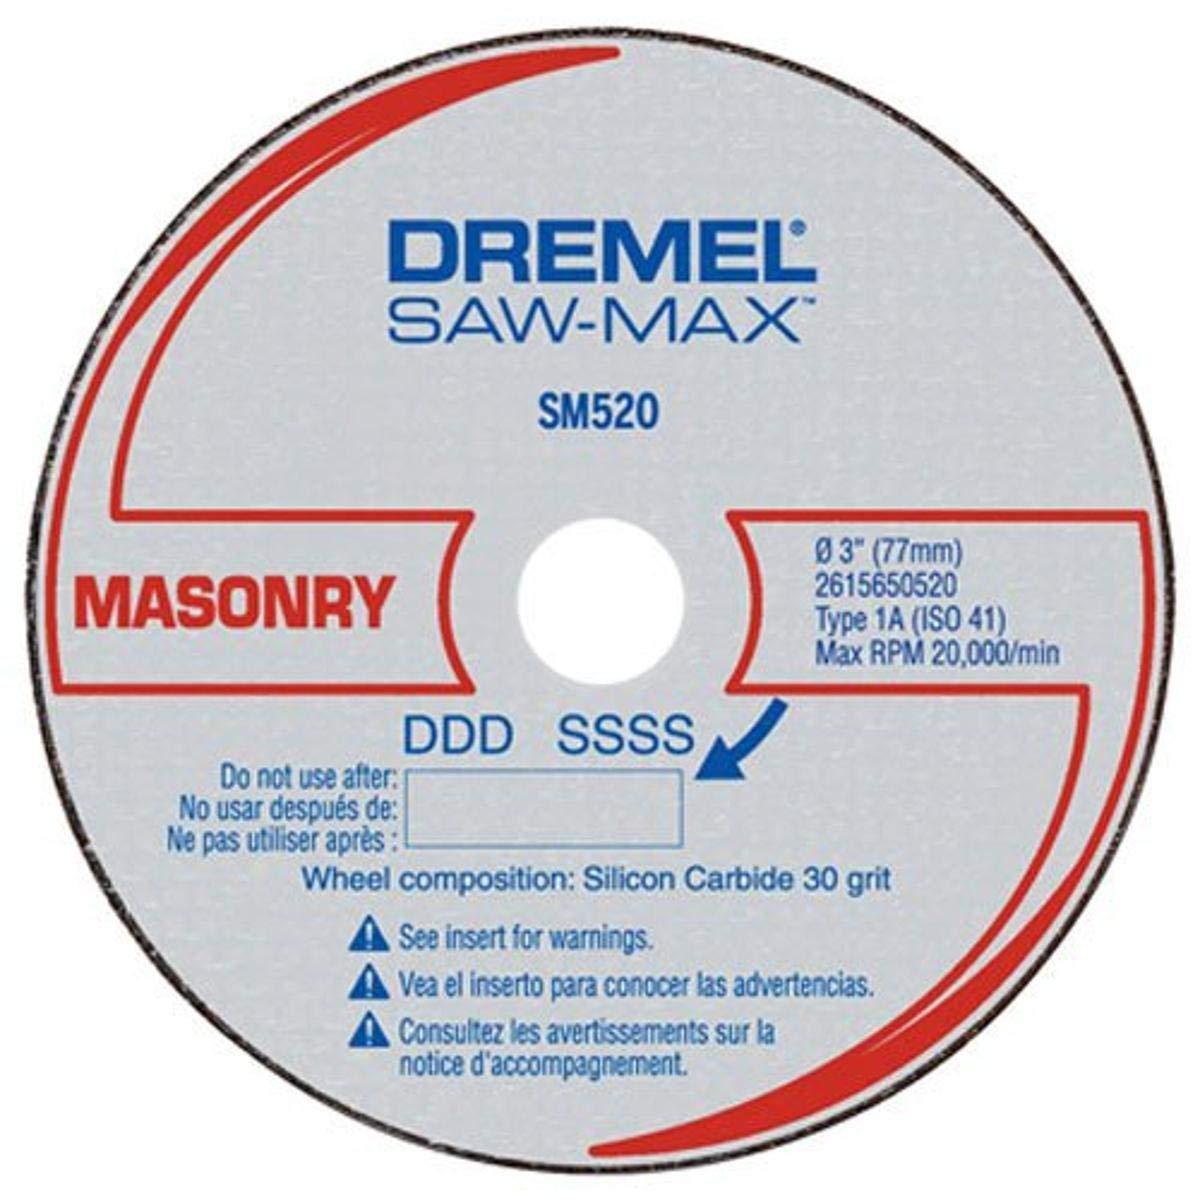 Dremel SM520c 3-Inch Masonry Cut-Off Wheel, 3-Pack